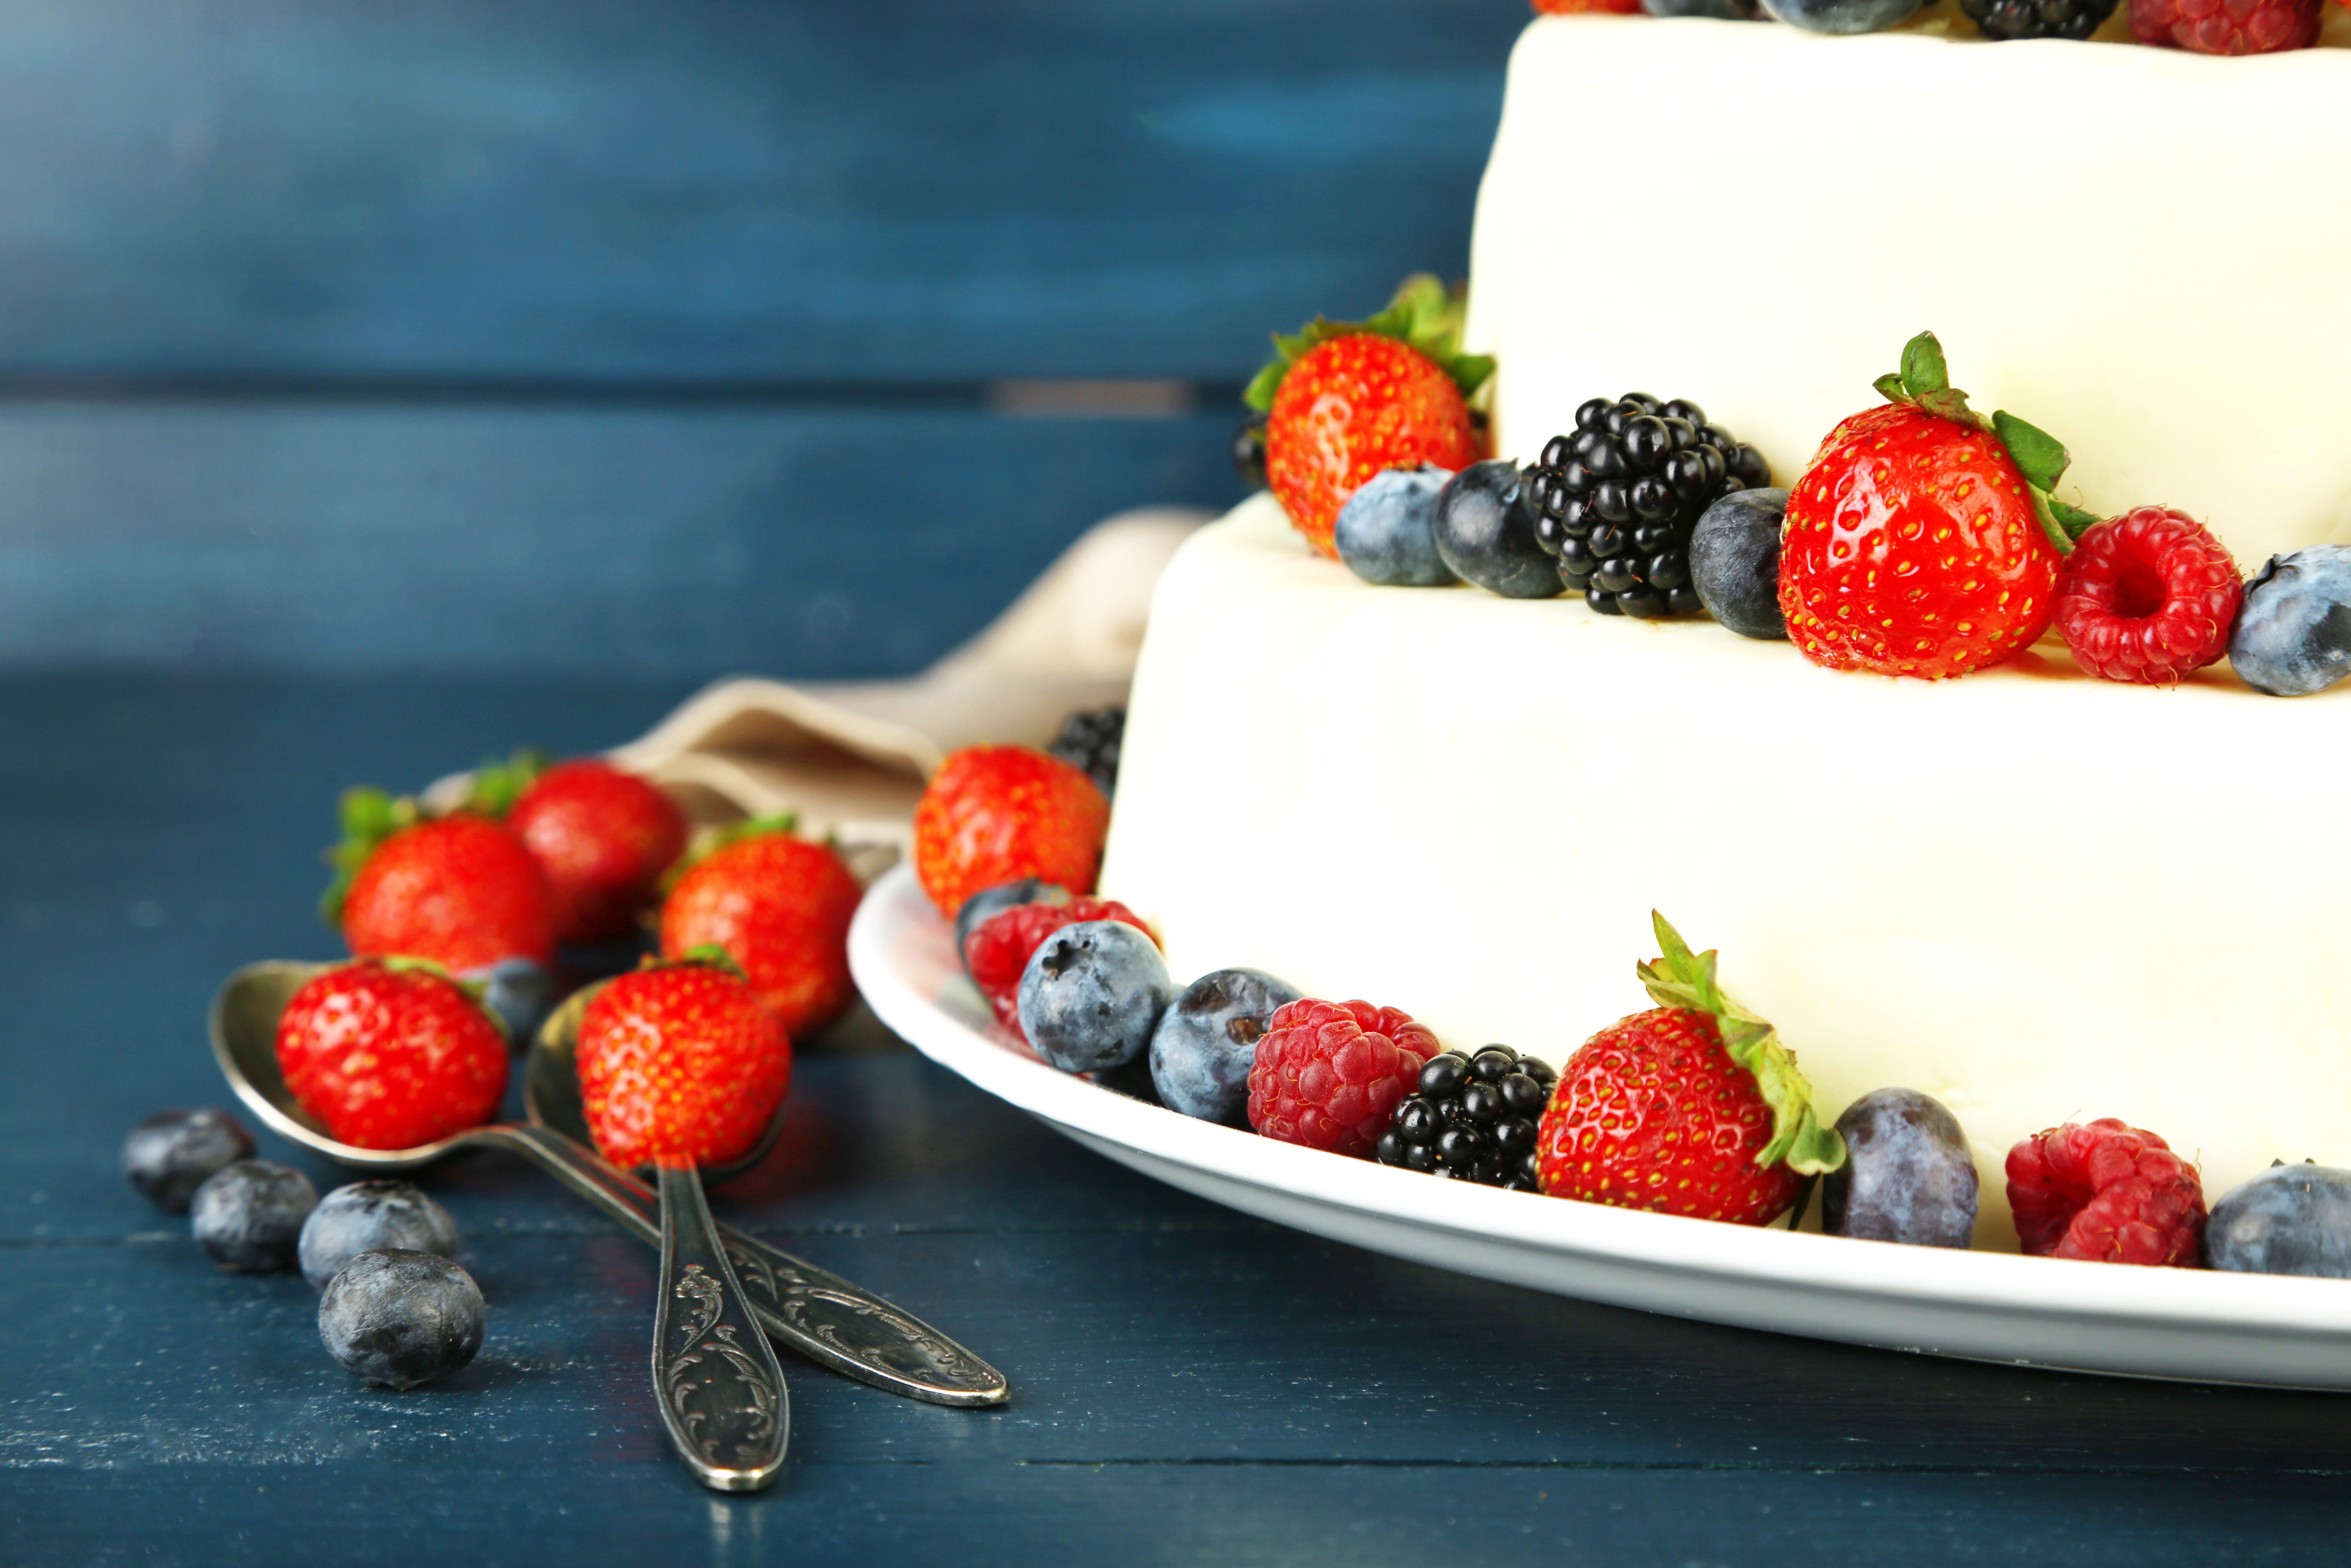 еда ягоды кексы  № 2152833 бесплатно